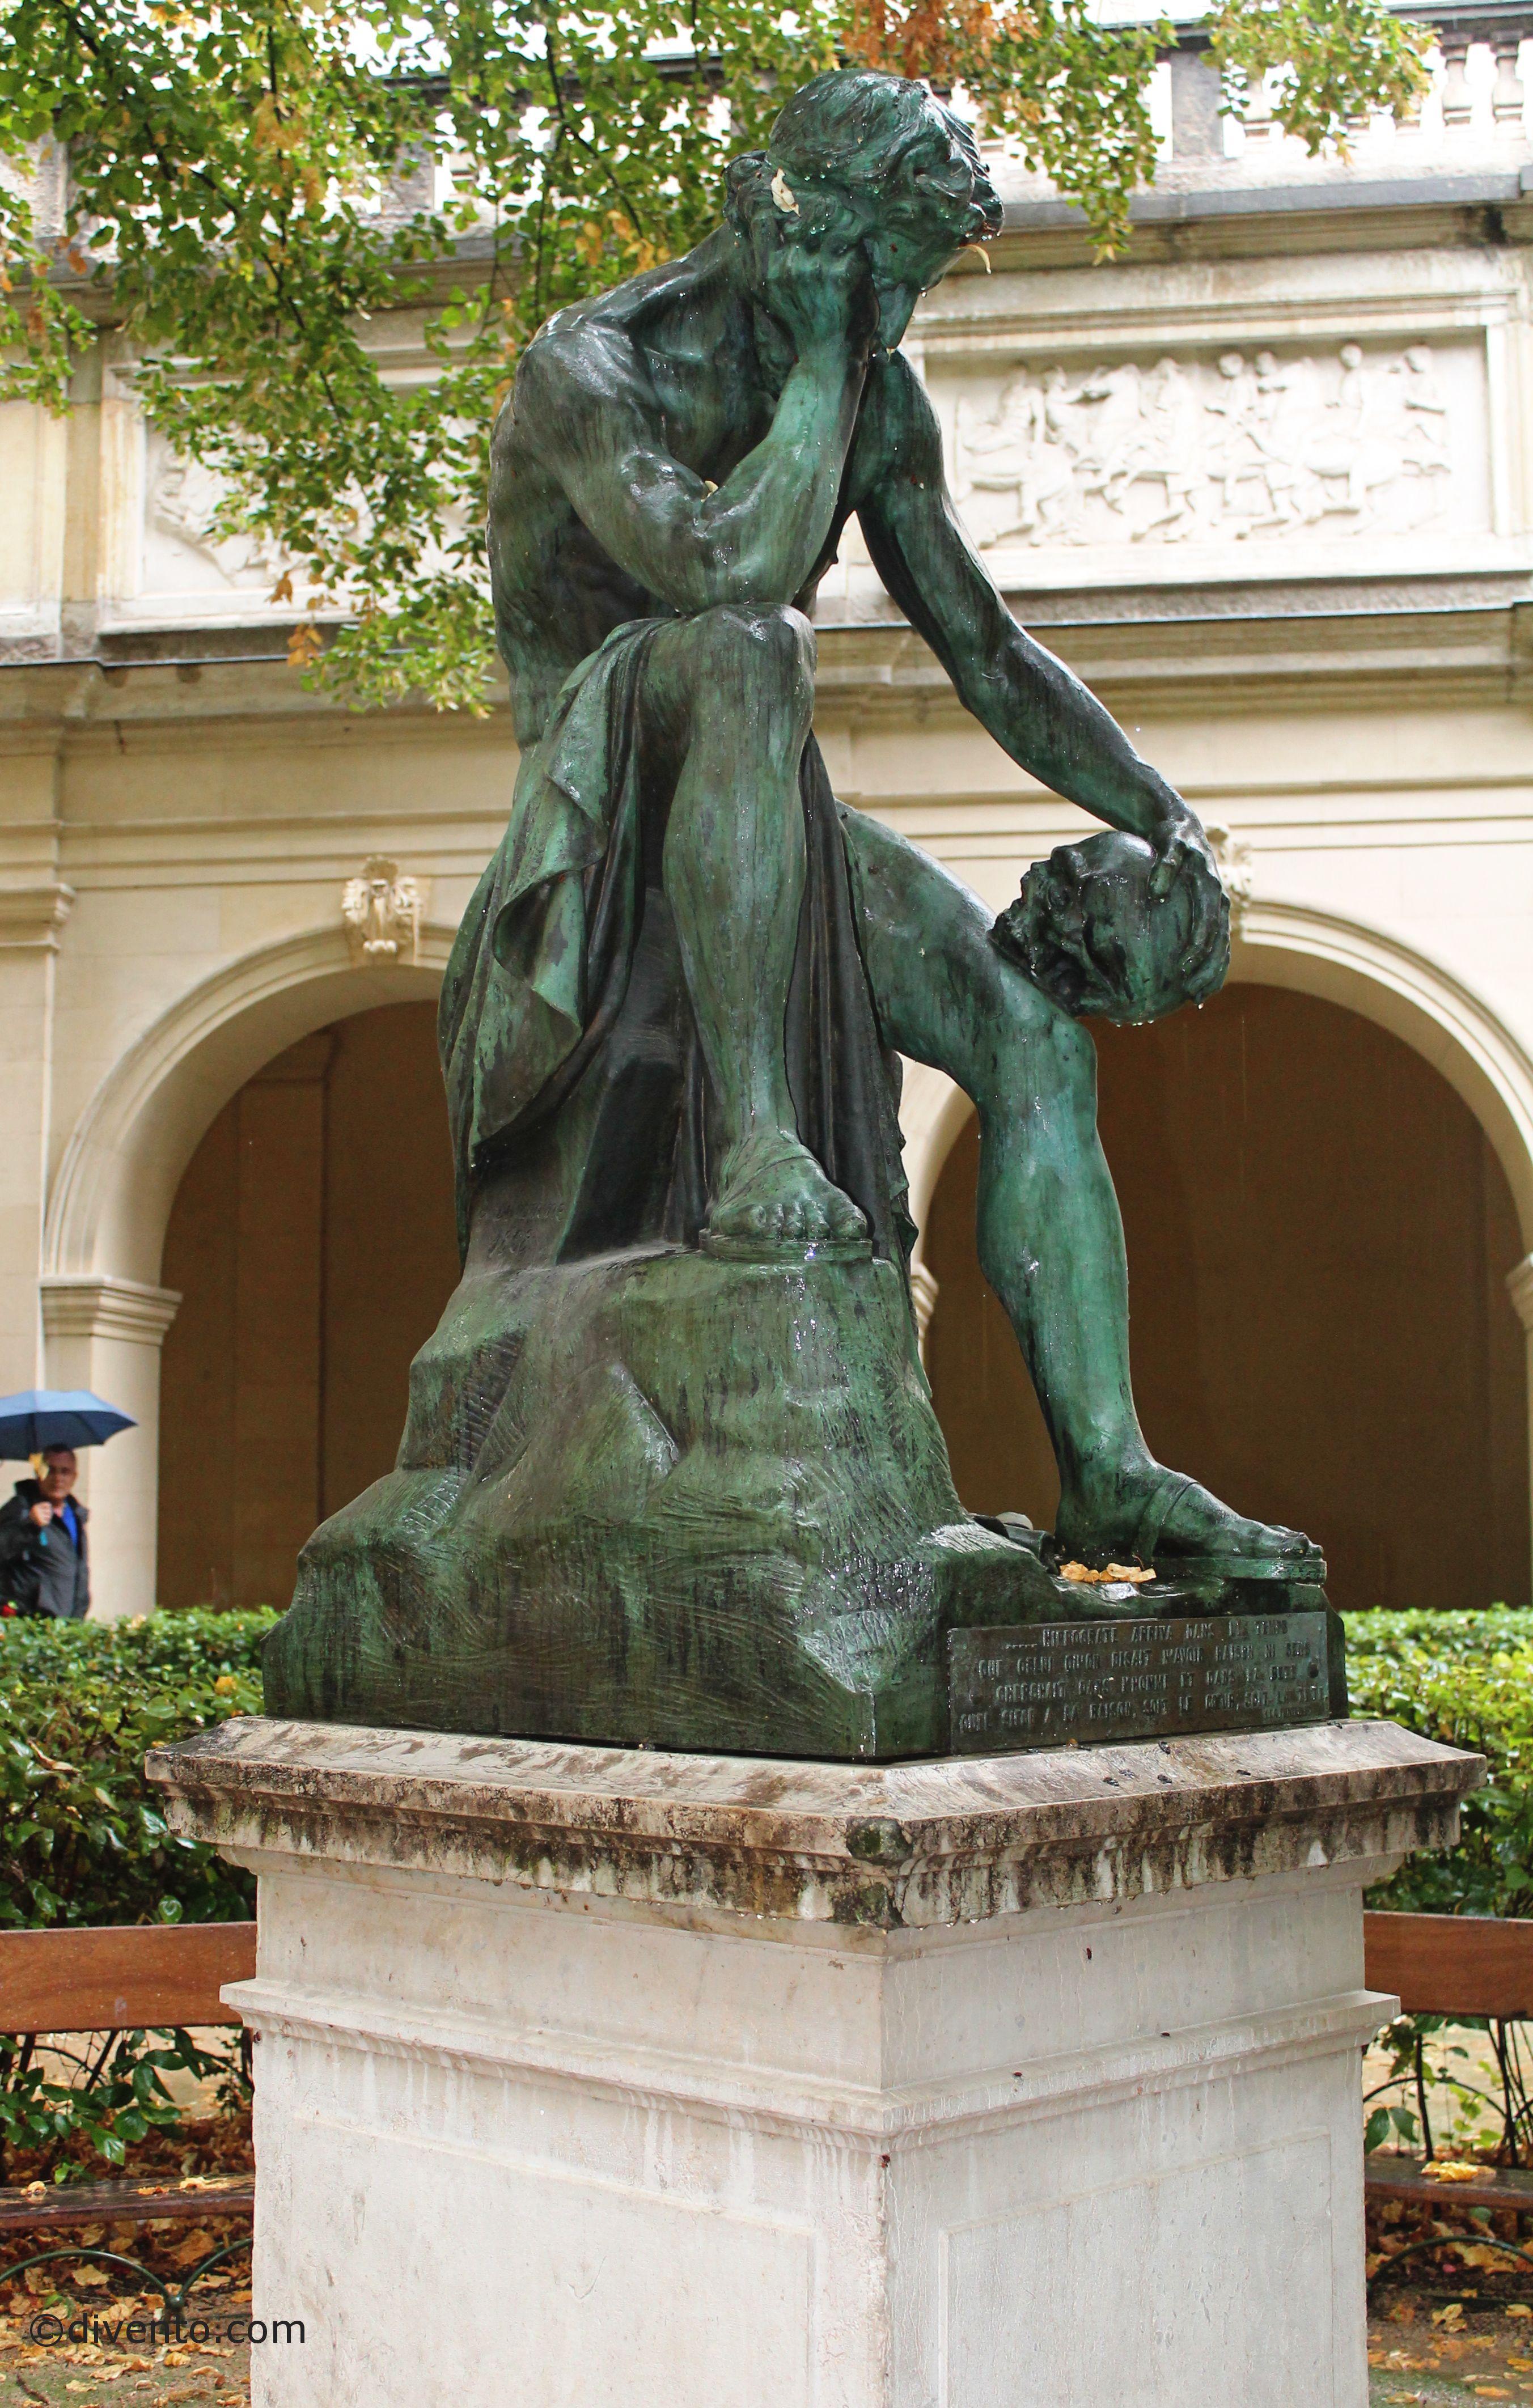 Musée des Beaux Arts, Lyon: All Year